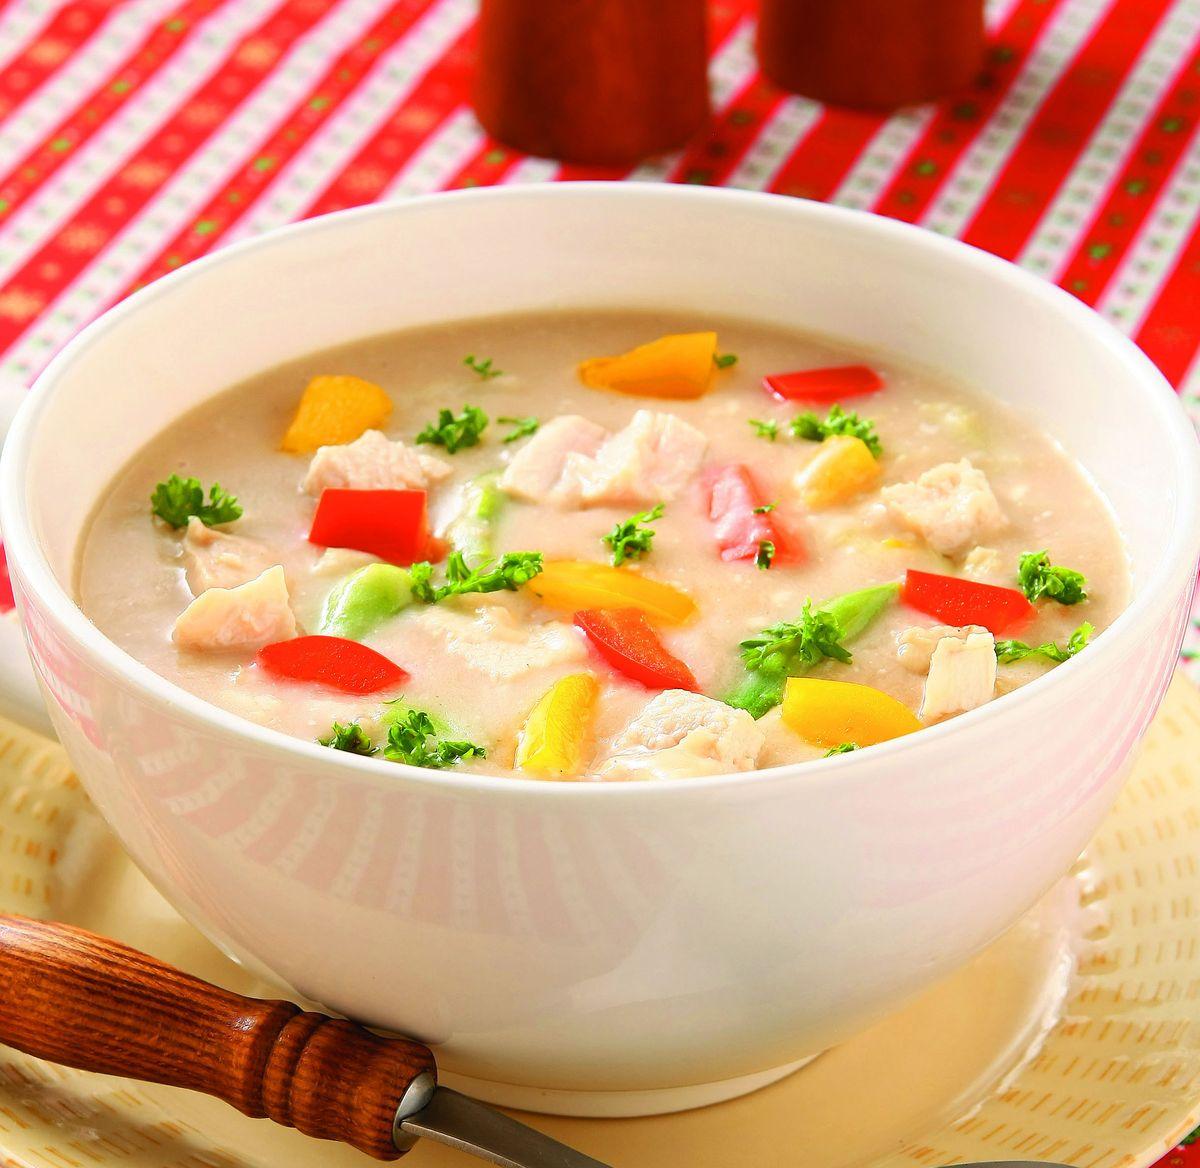 食譜:雞汁蔬菜濃湯